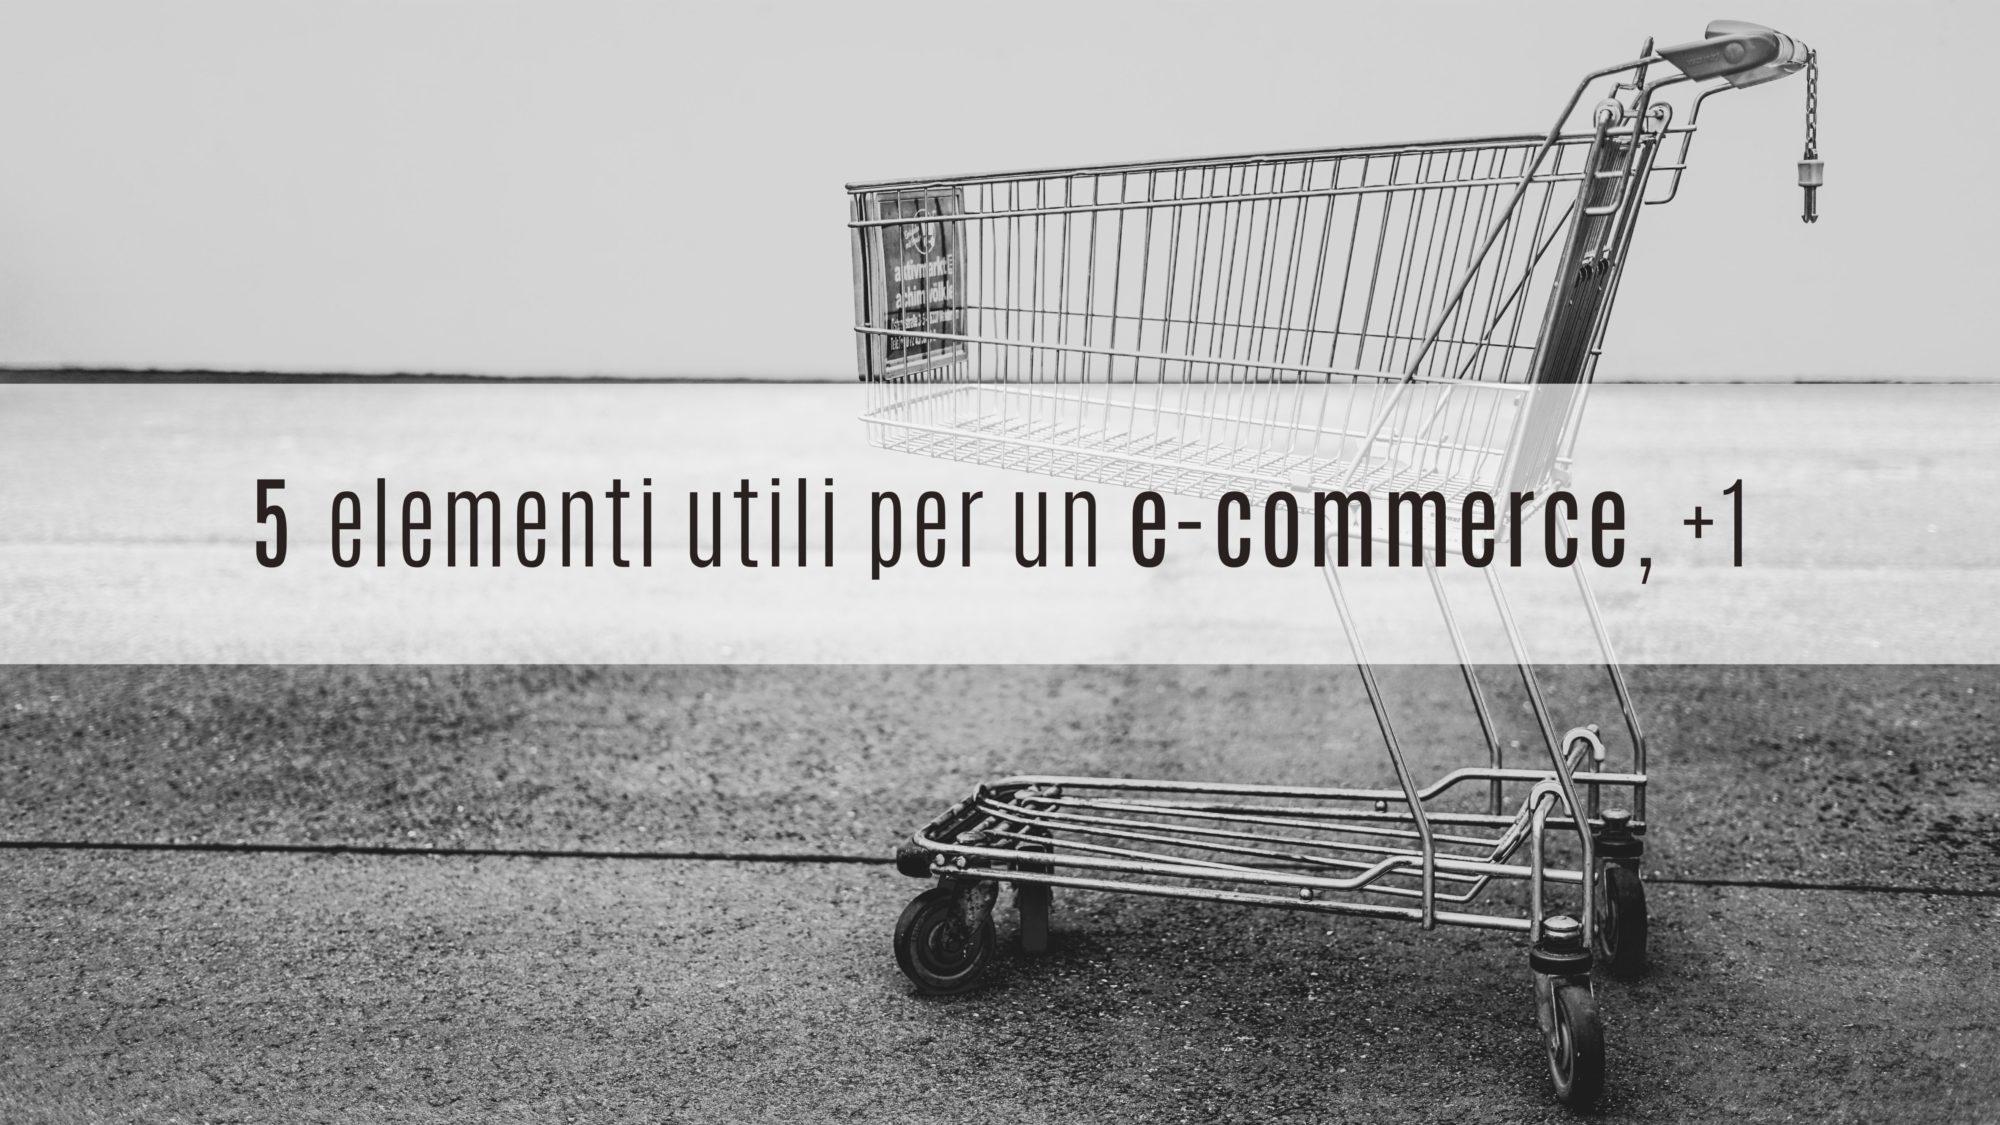 carrello della spesa vuoto con titolo 5 elementi utili per ecommerce + 1